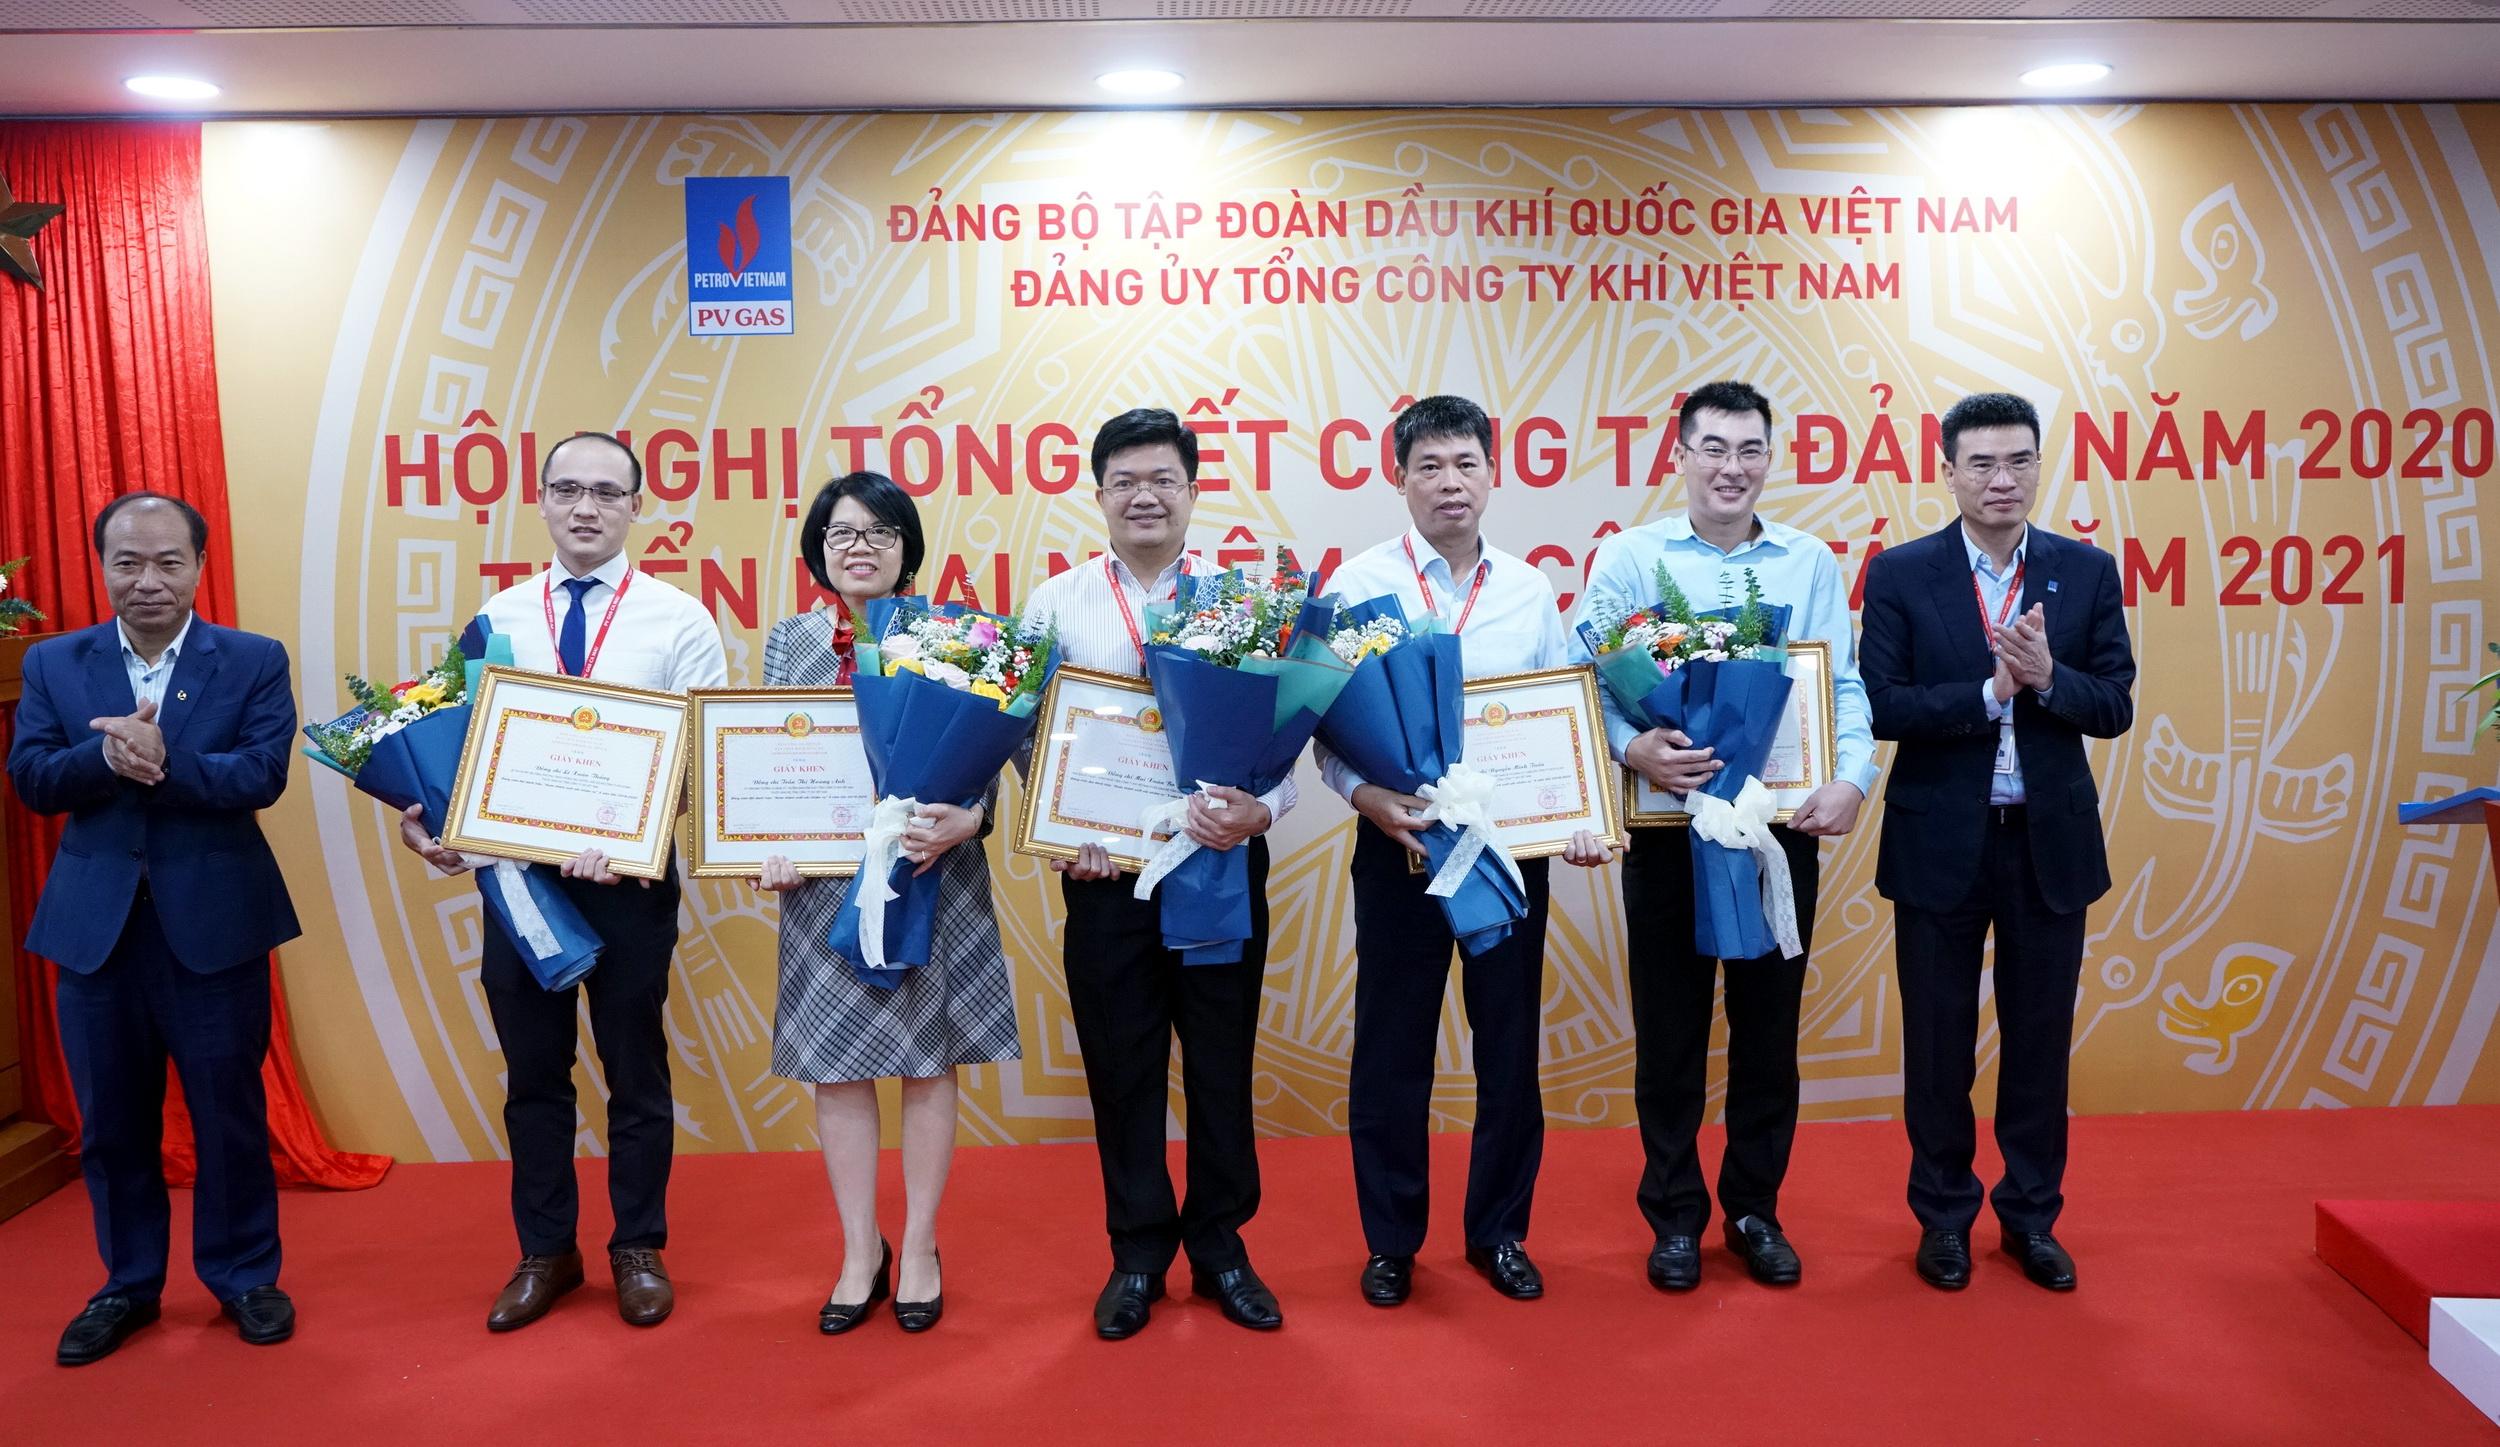 Đảng ủy Tập đoàn khen thưởng các đảng viên xuất sắc của PV GAS